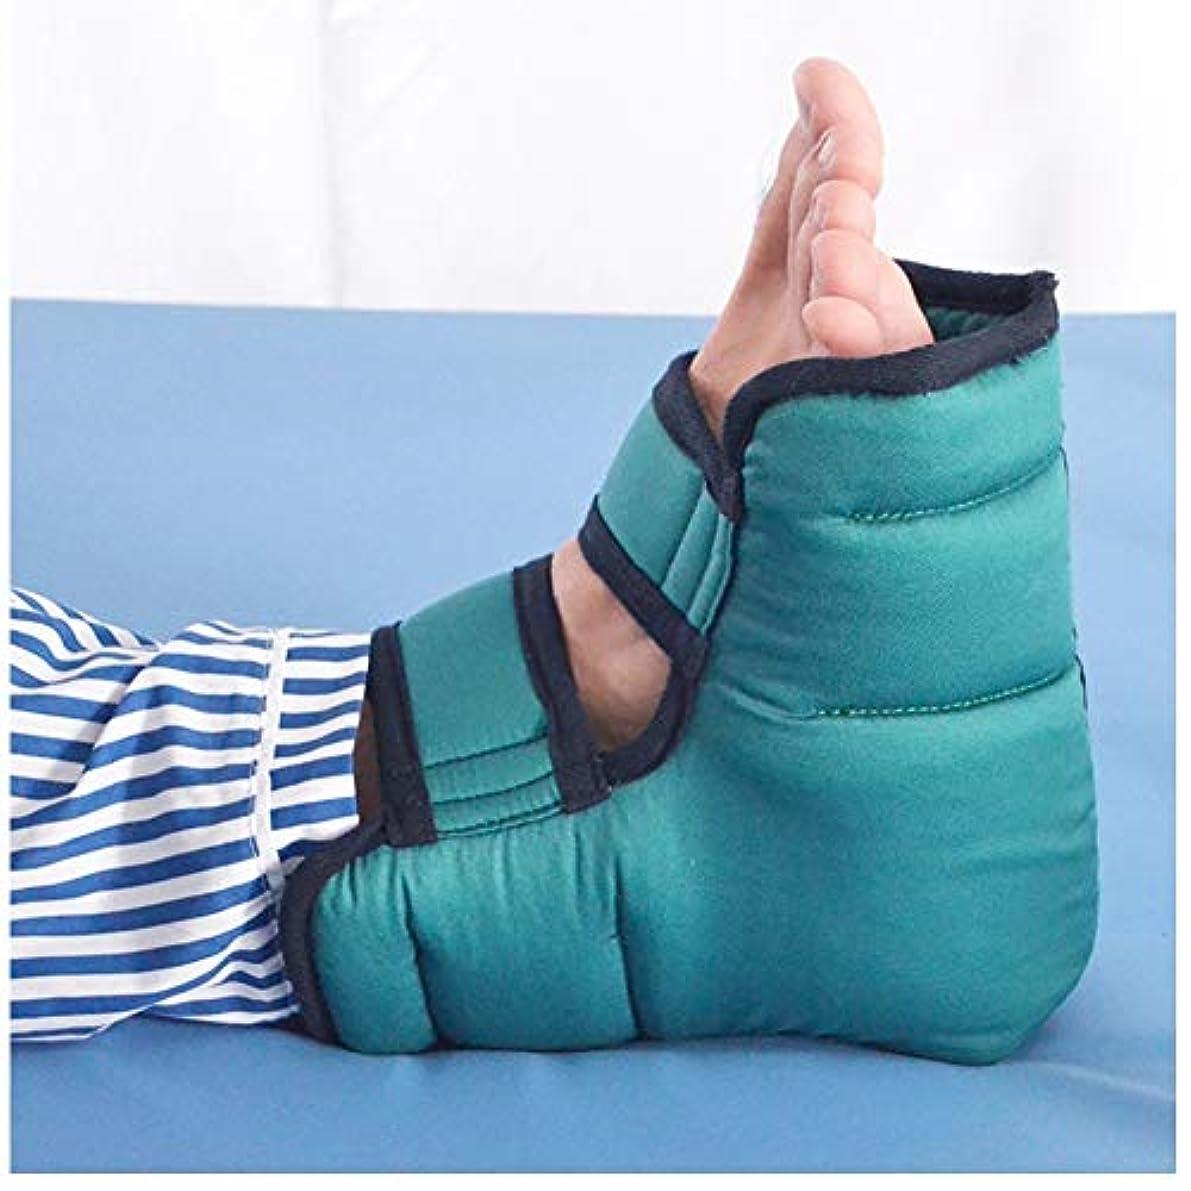 批評書誌普通に反褥瘡のかかとの保護材のクッション、足首サポート枕フットプロテクション、青、1ペア、9.45×9.05インチ